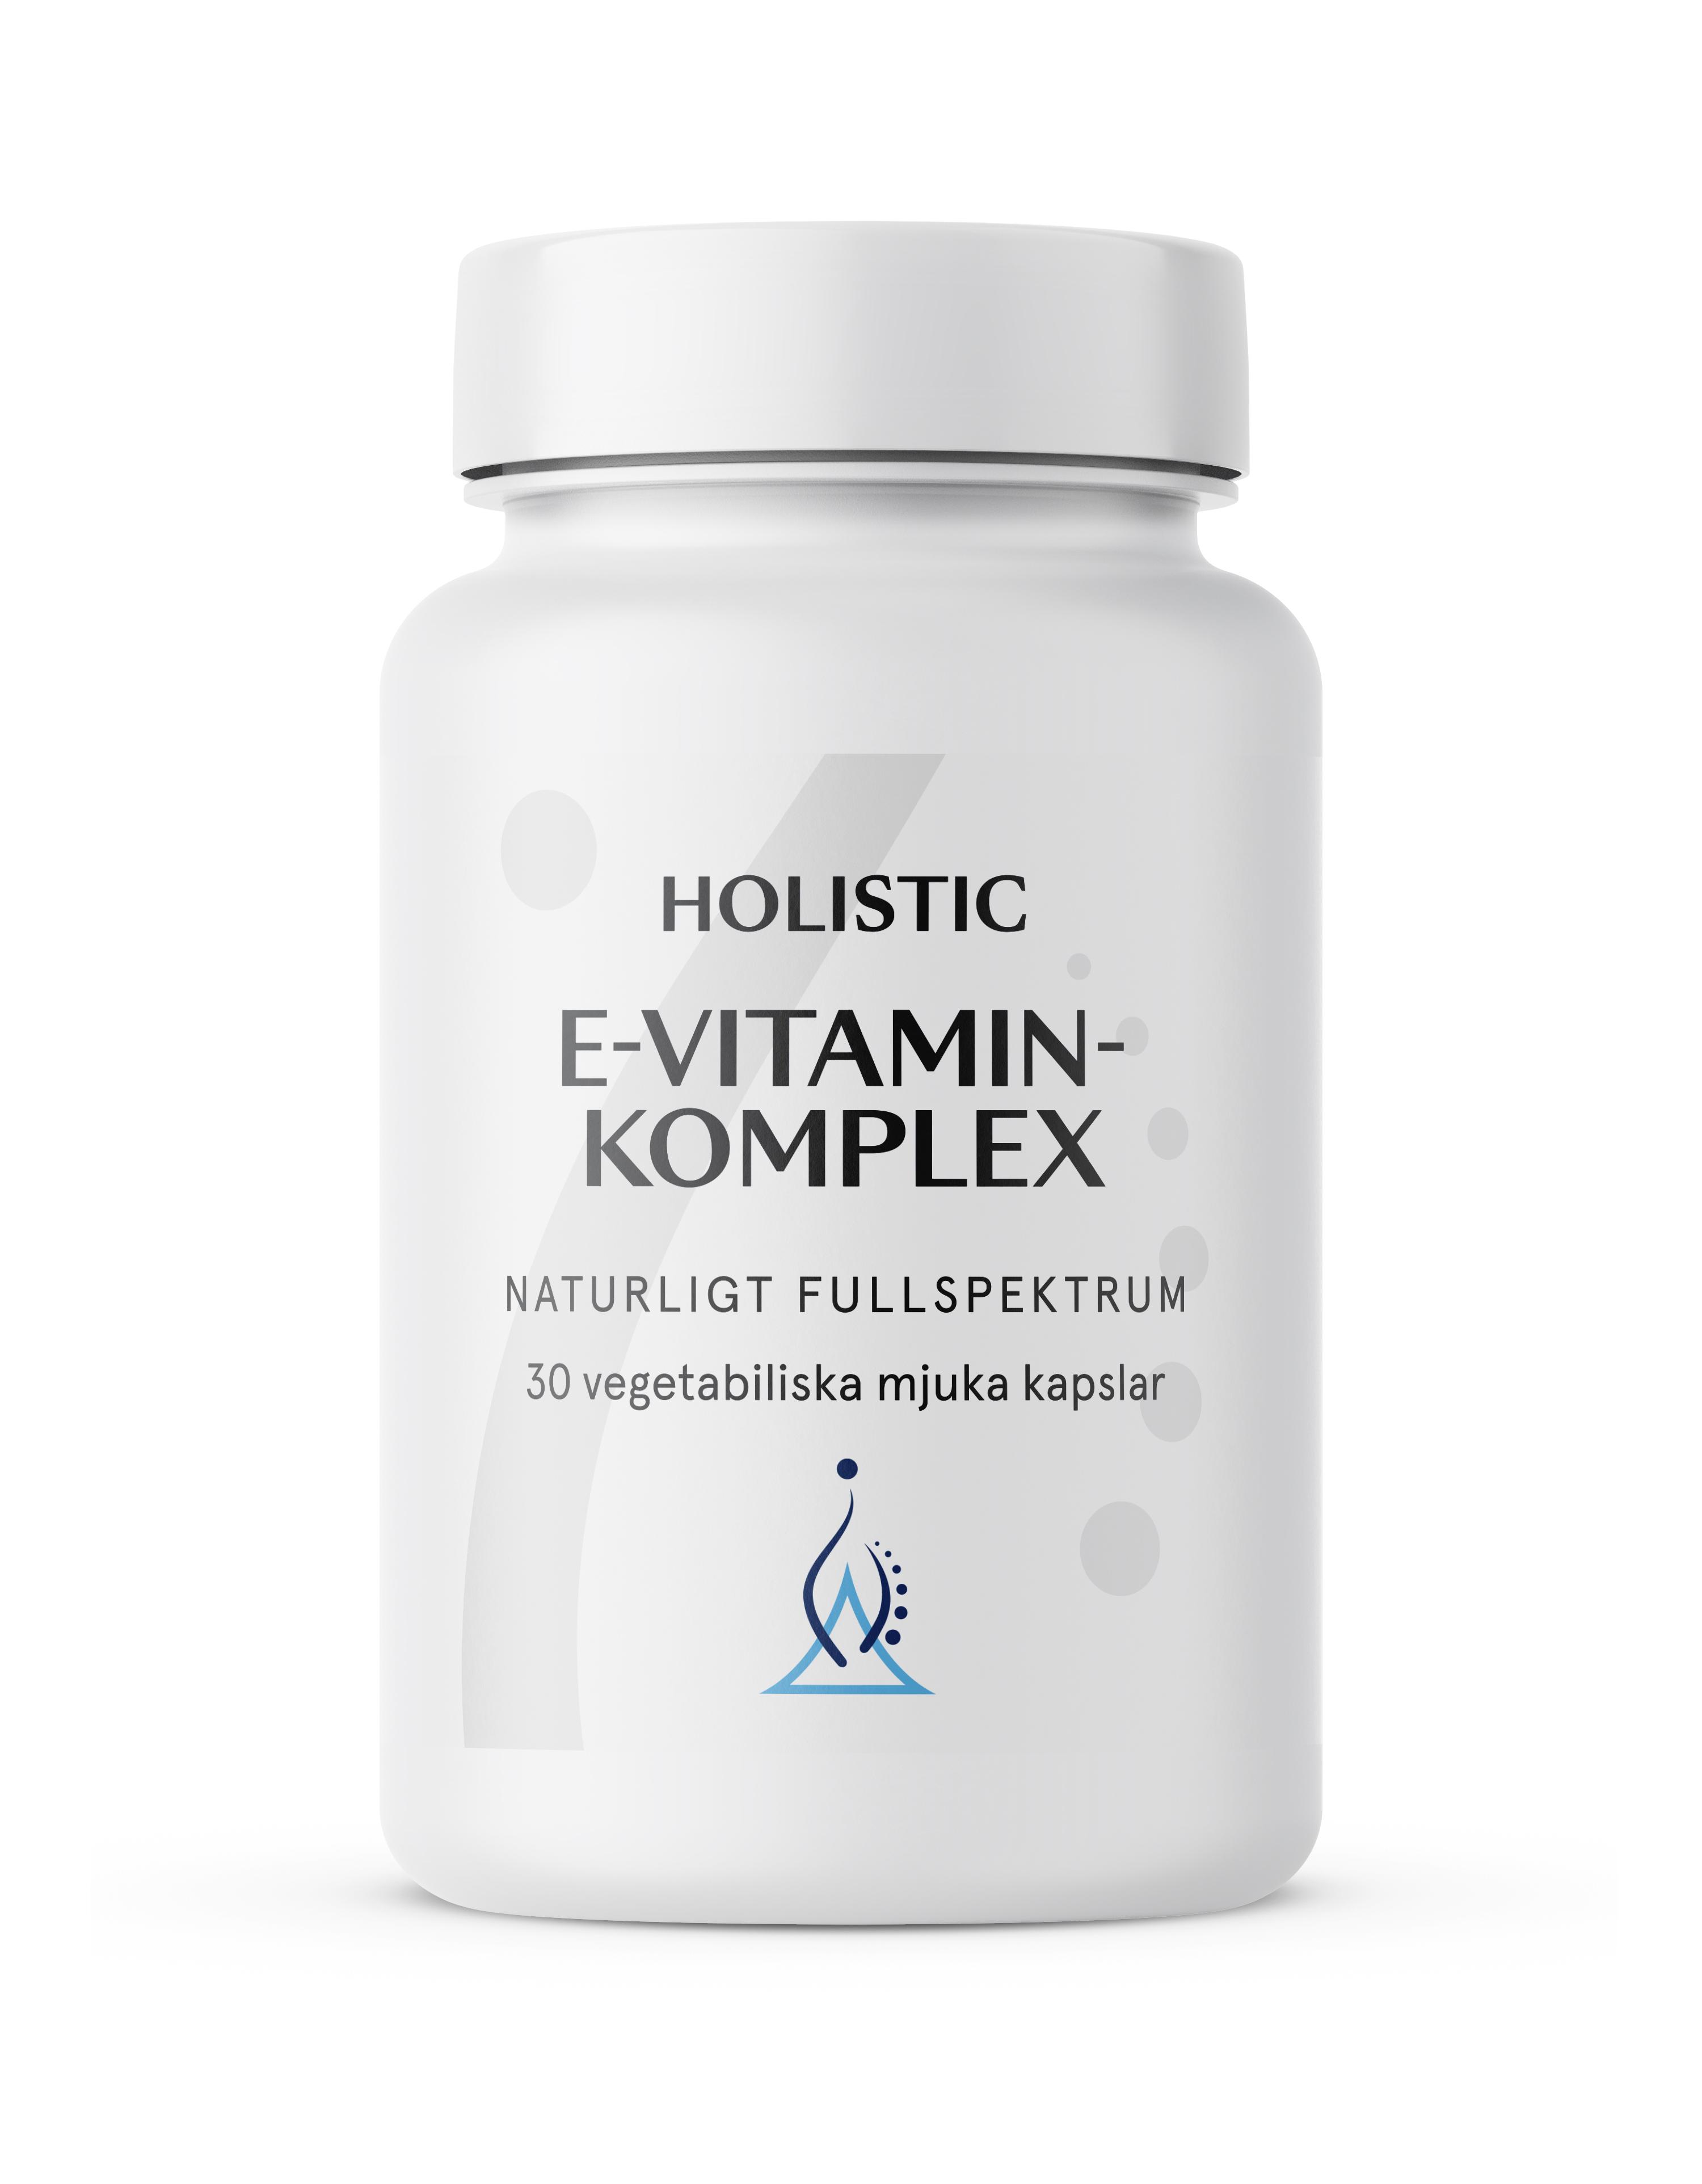 Holistic E-vitamin komplex (witamina E)